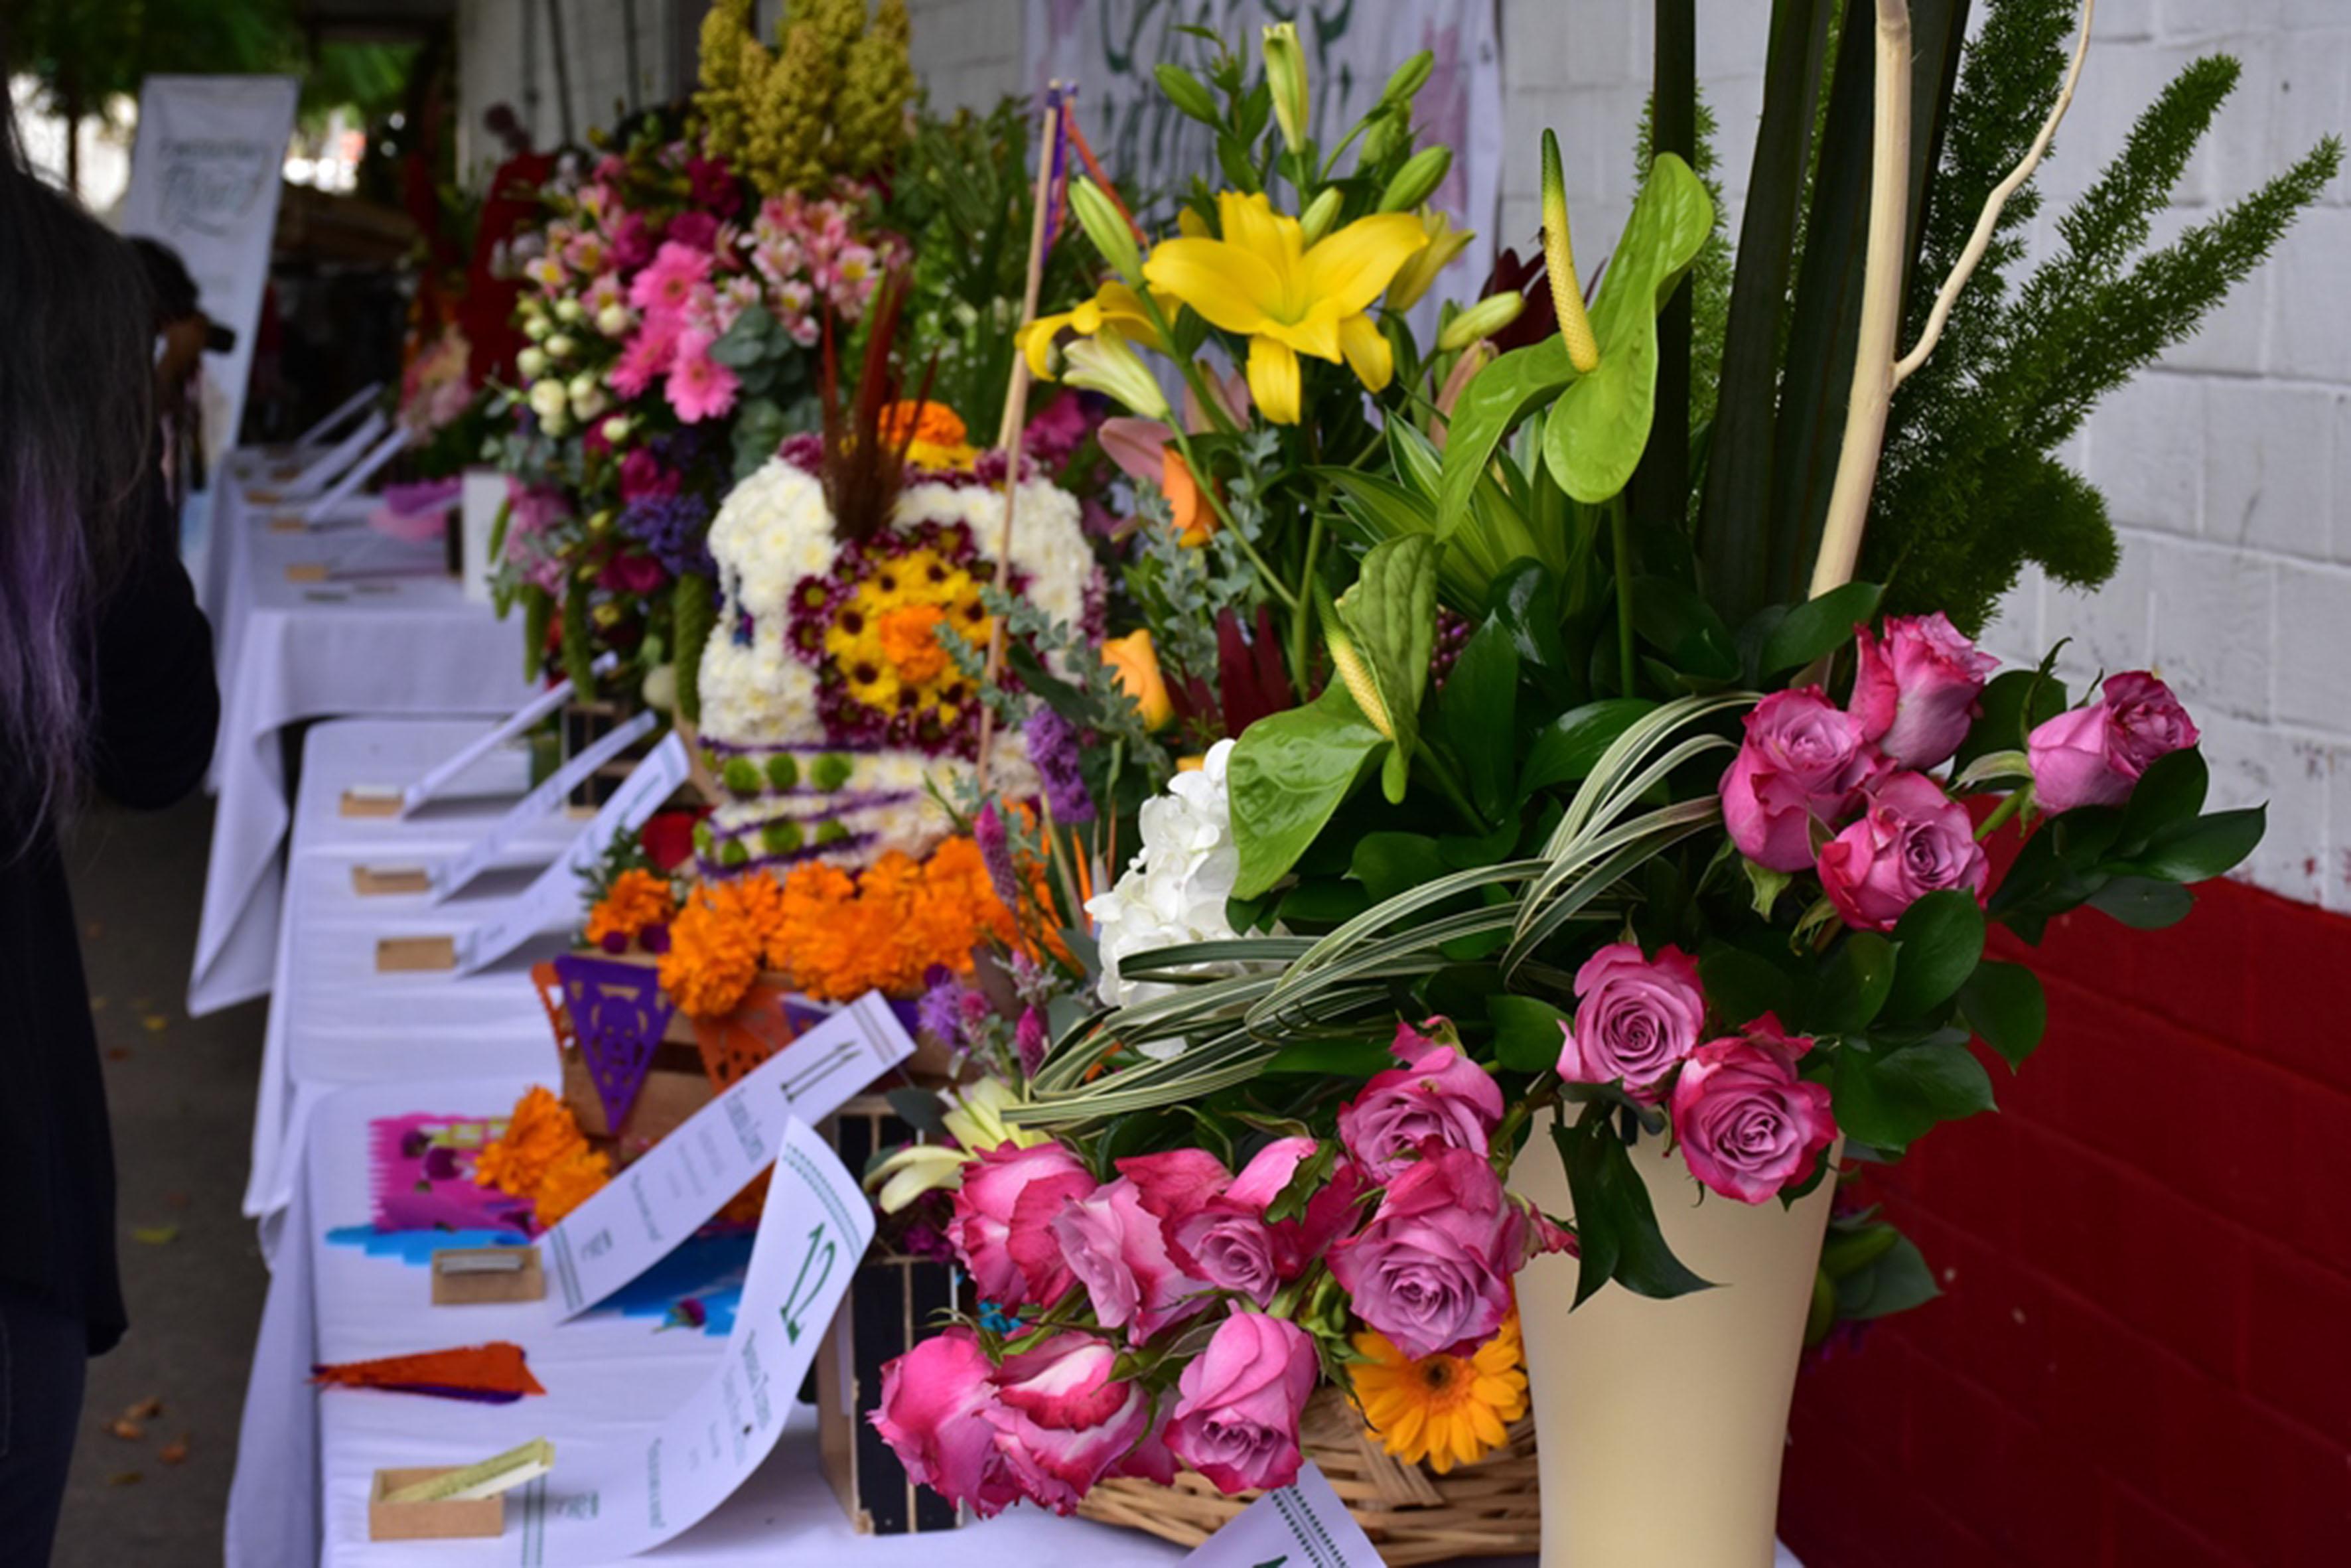 """Representación de expresiones culturales del Barrio de Mezquitan echas con flores, como muestras del proyecto """"Mezquitán Florece""""."""